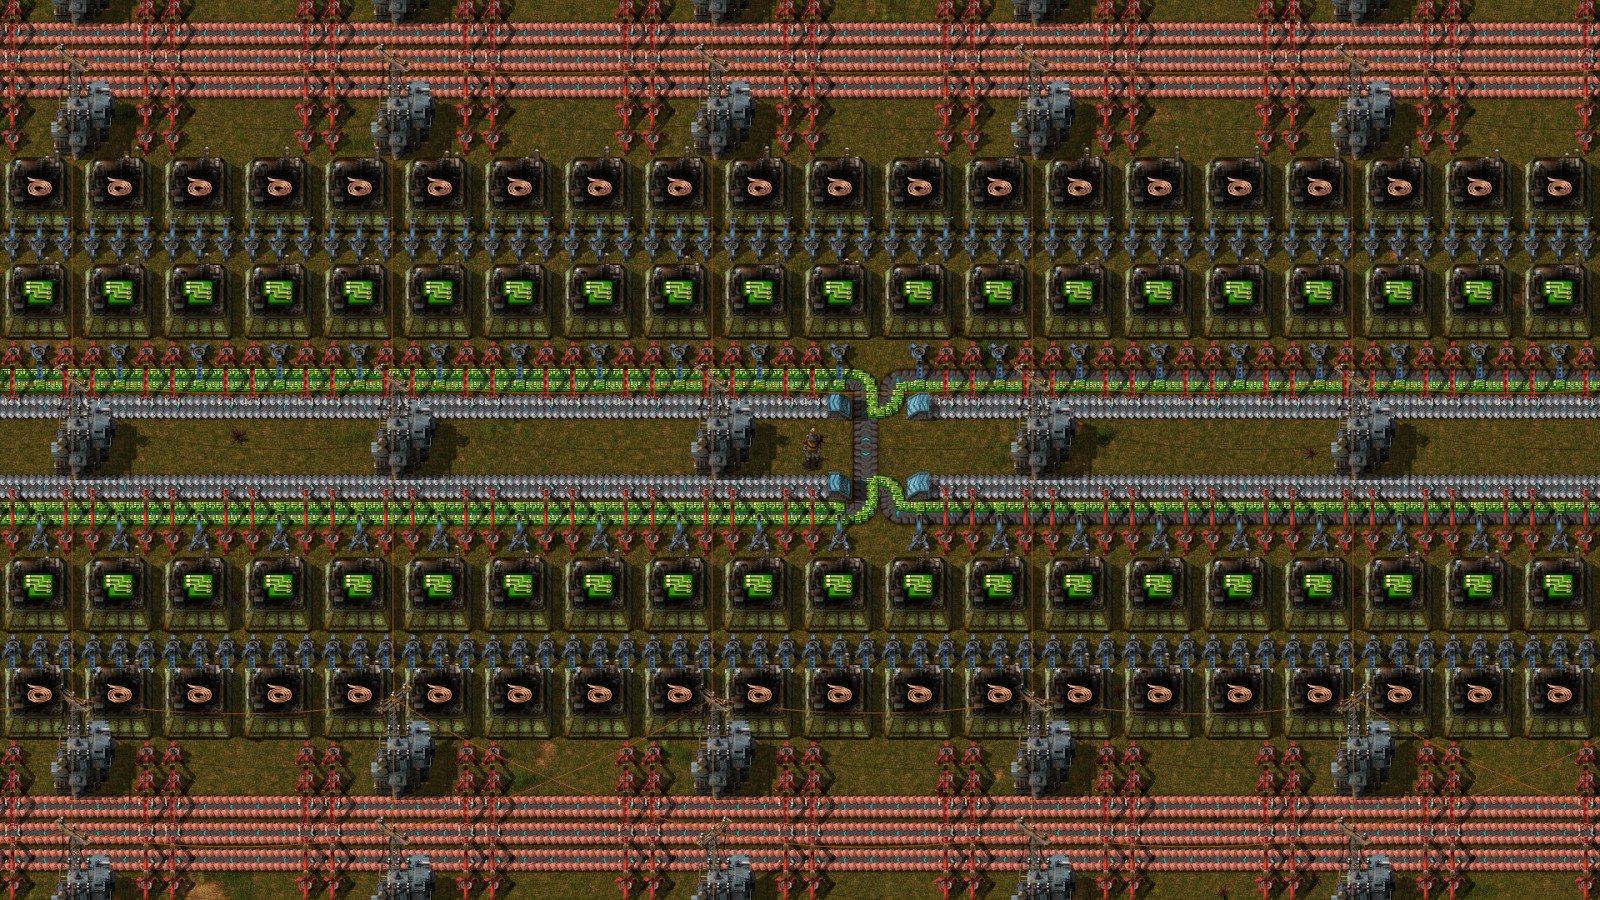 Factorio 21